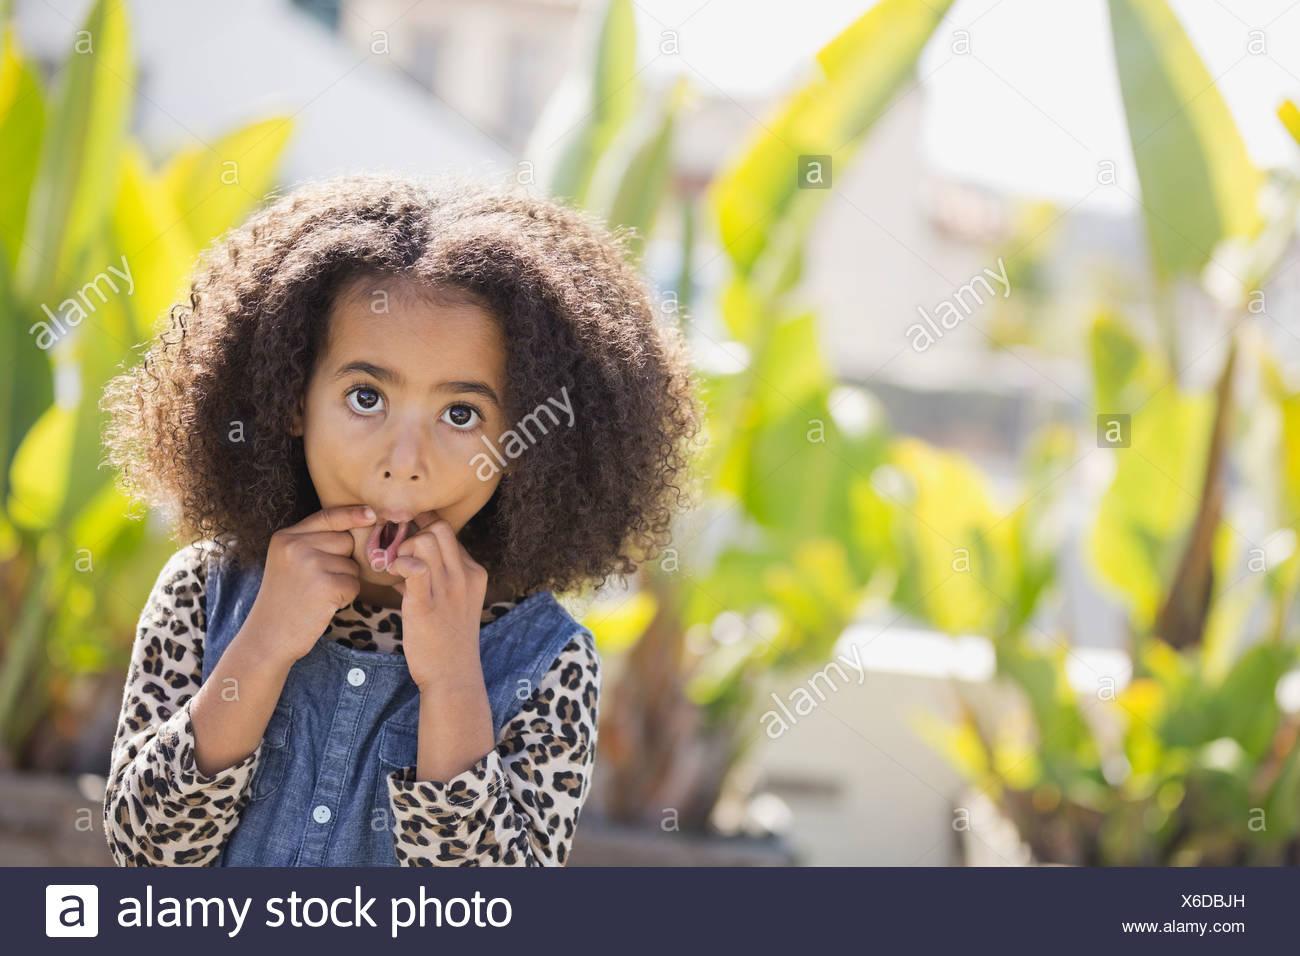 Ritratto di ragazza carina rendendo volti all'aperto Immagini Stock